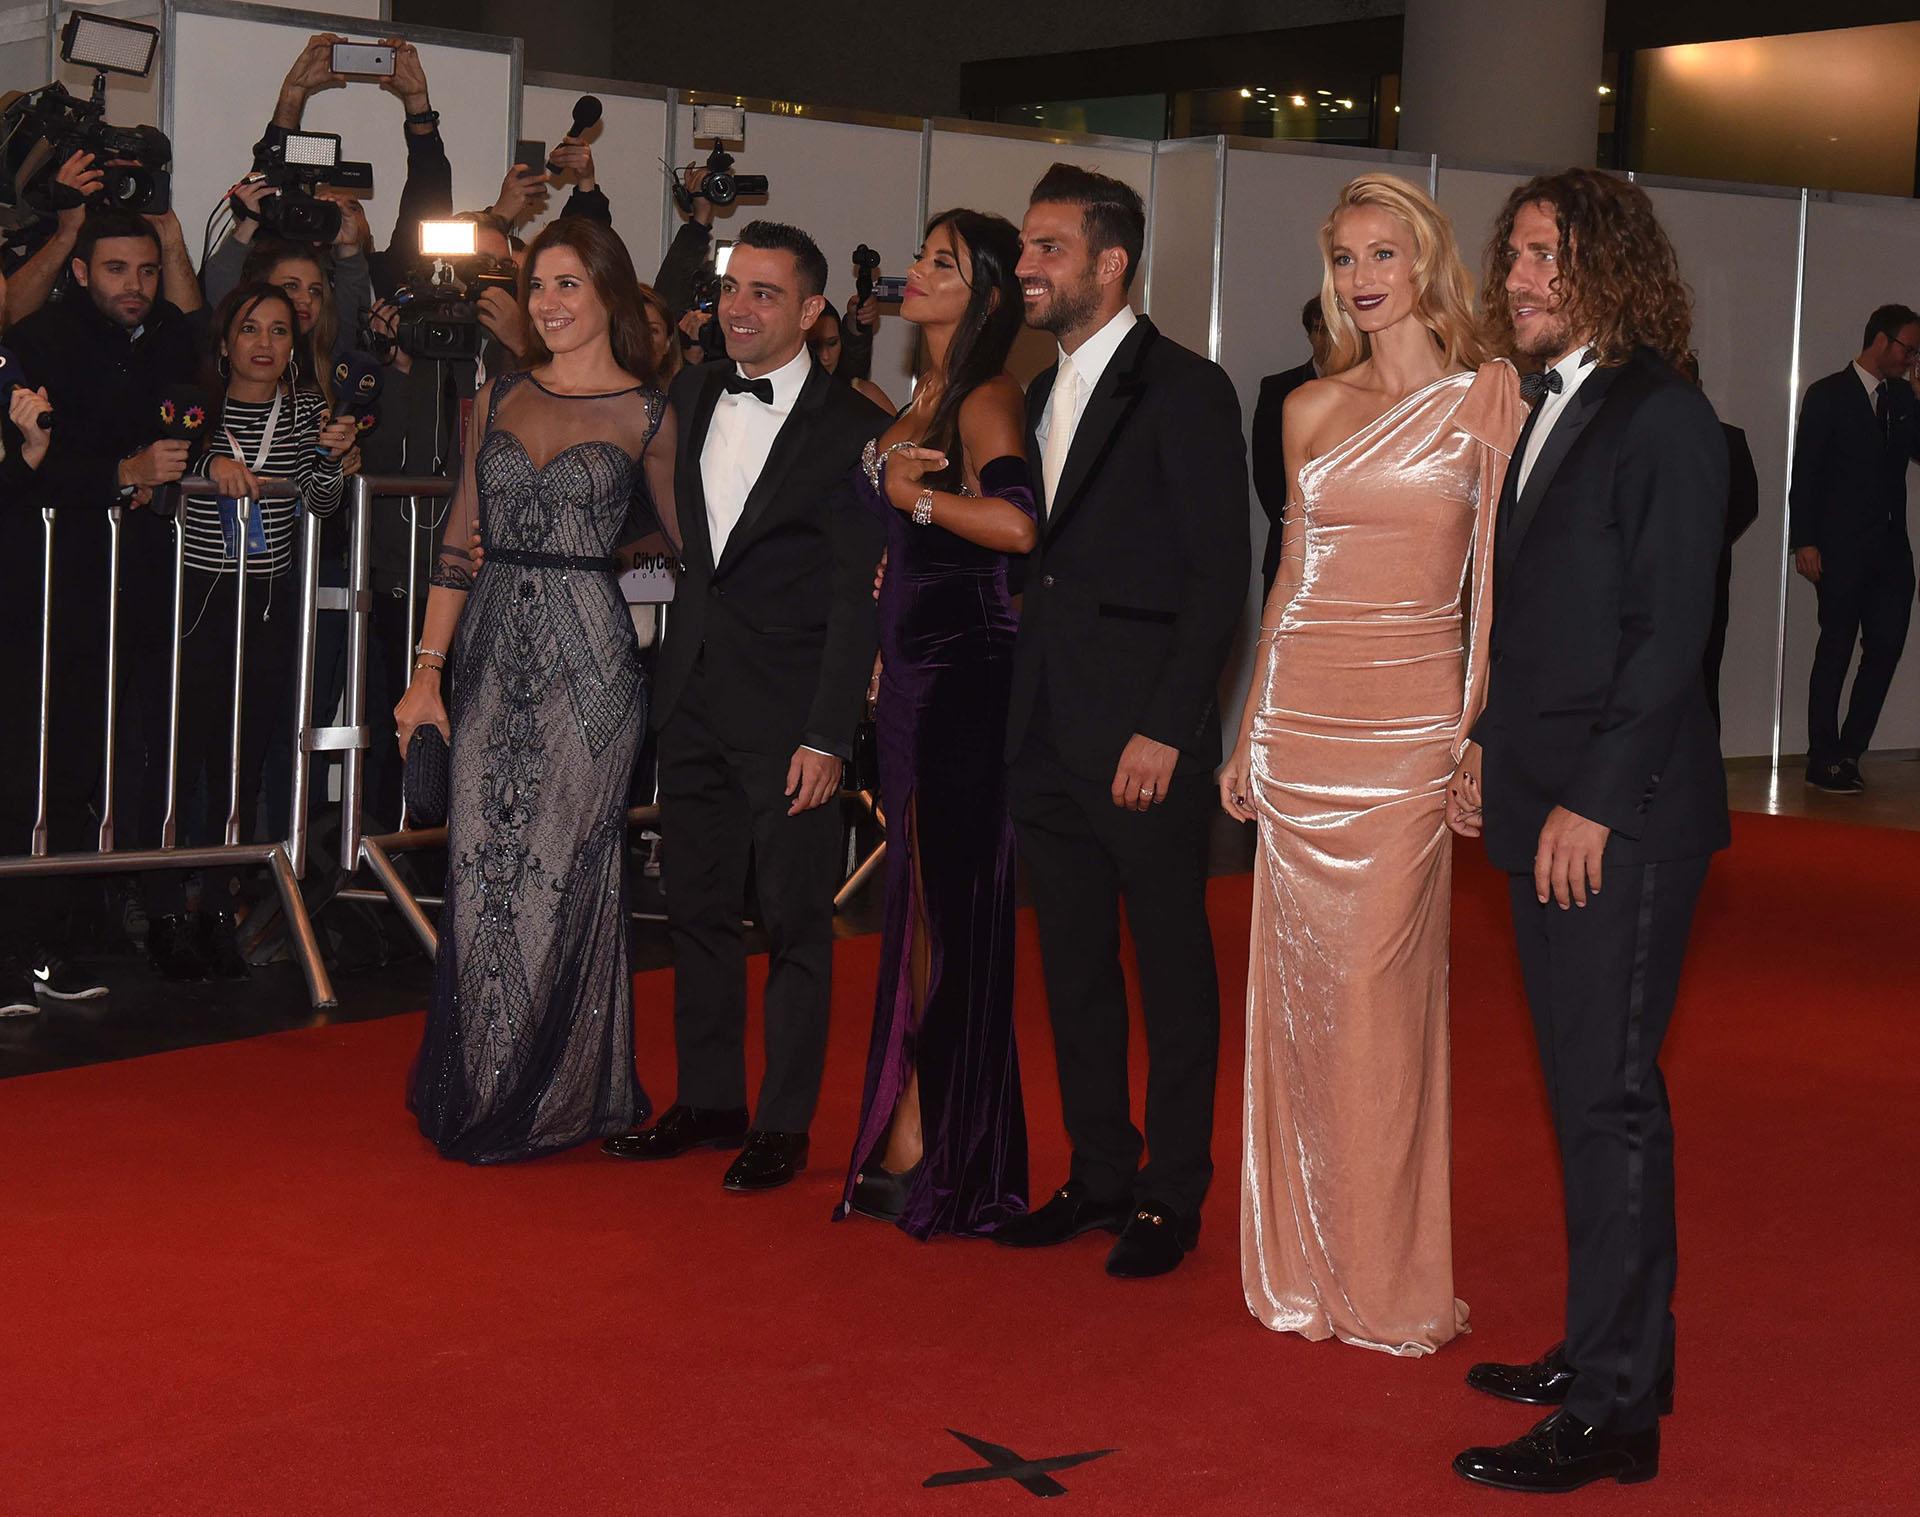 Xavi Hernández y su mujer Nuria Cunillera, Cesc Fábregas y Daniella Semaan y Carles Puyol y Vanesa Lorenzo, super amigos de Lionel